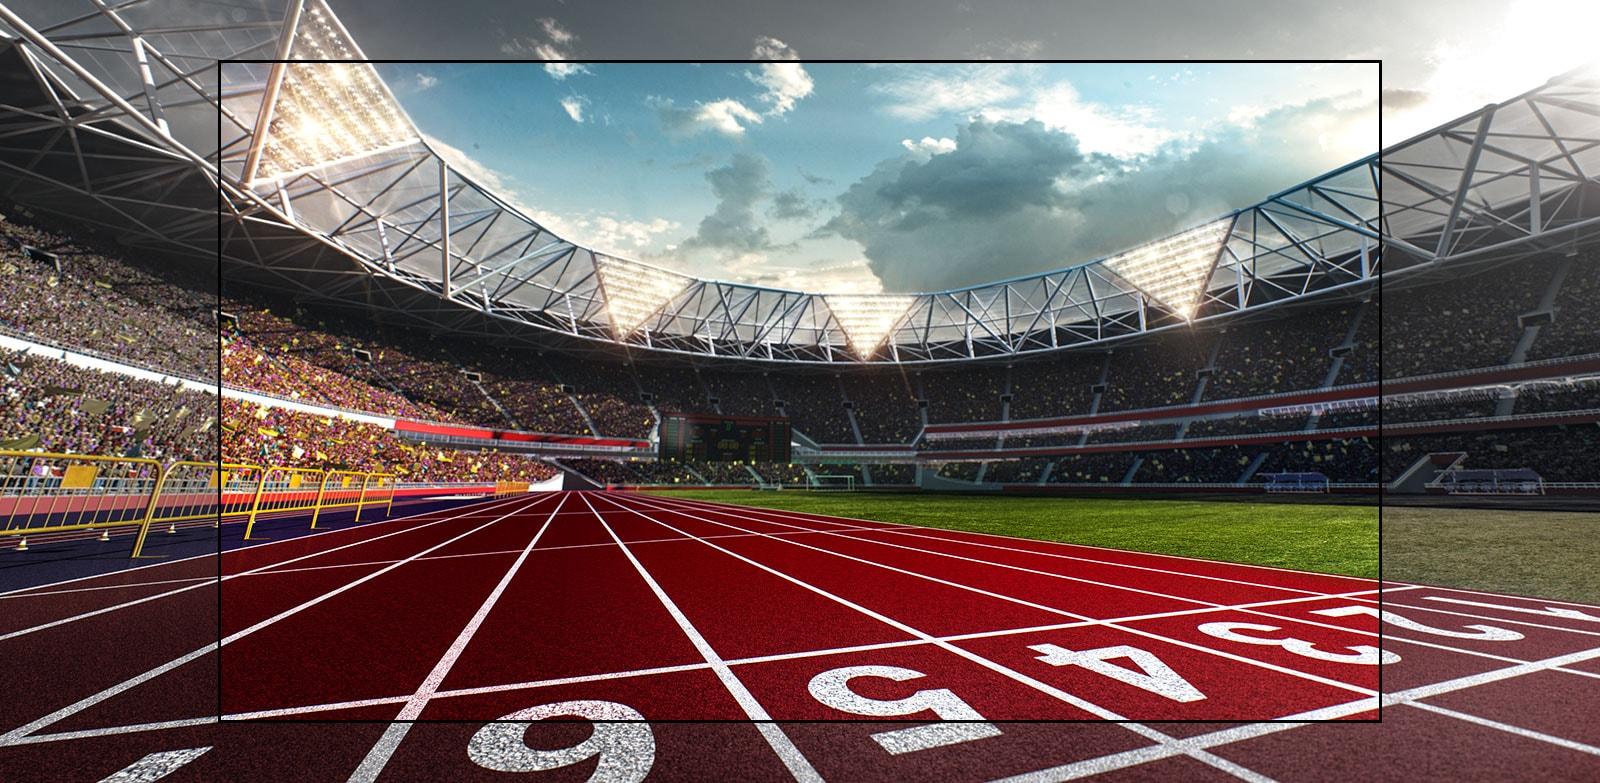 Una pantalla del televisor muestra un estadio con un primer plano de la pista de carreras. El estadio está lleno de espectadores.